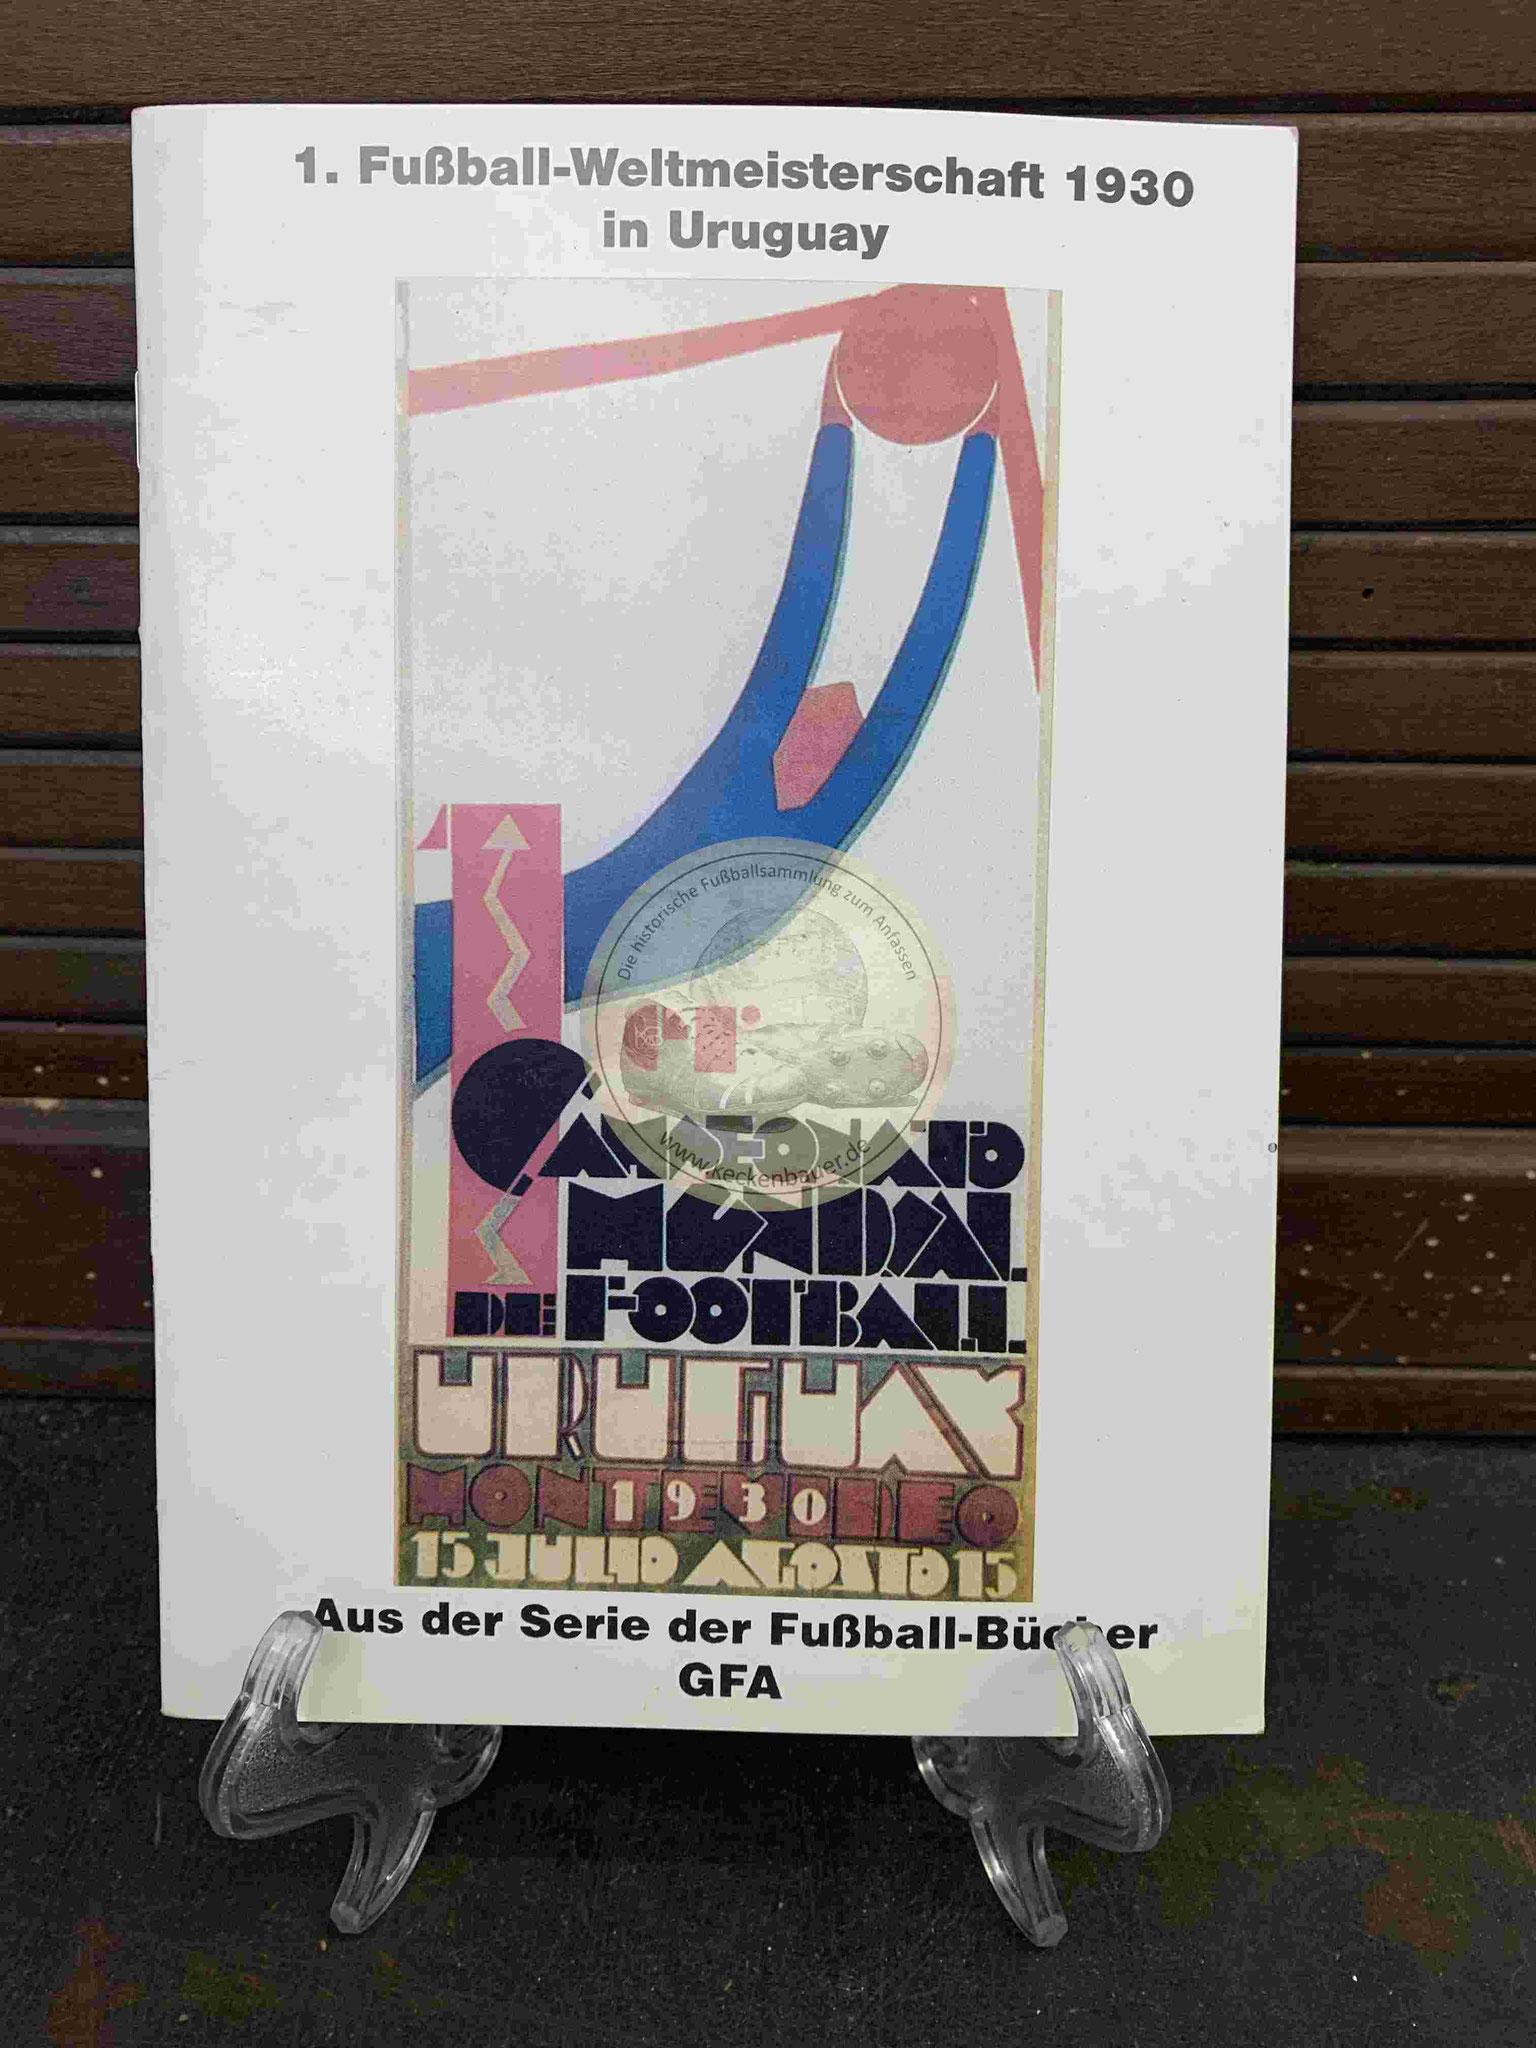 Programmheft der Fußball WM in Uruguay aus dem Jahr 1930, ein Reprint aus dem Jahr 1991